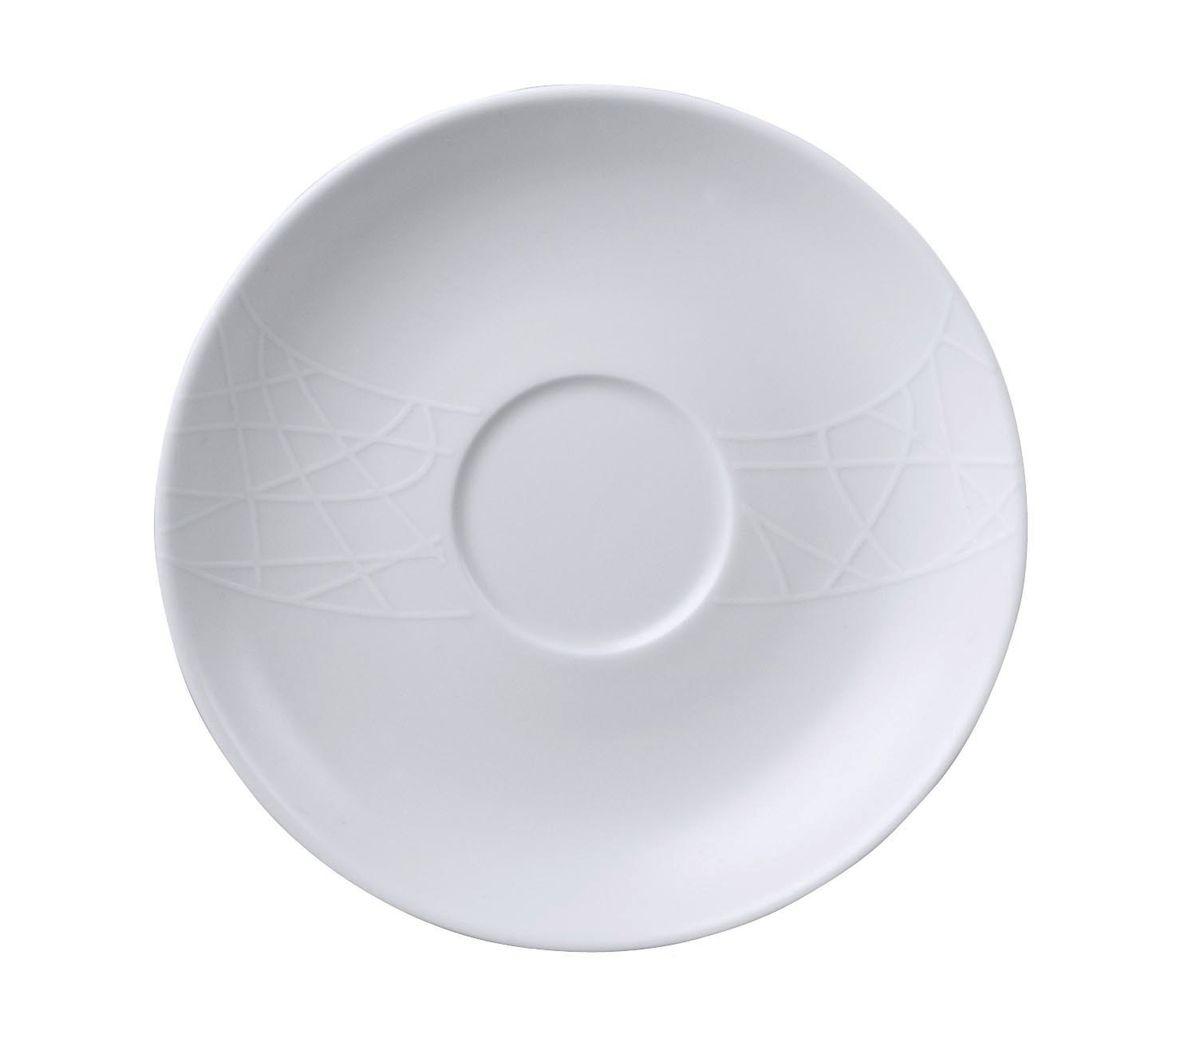 Блюдце чайное Churchill, диаметр 17 см. 670201801670201801Джейми Оливер. Простой орнамент с тонкими текстурными линиями. Коллекция «Белое на белом» - лёгкий и непринуждённый стиль. Посуда этой коллекции износостойкая и ударопрочная.